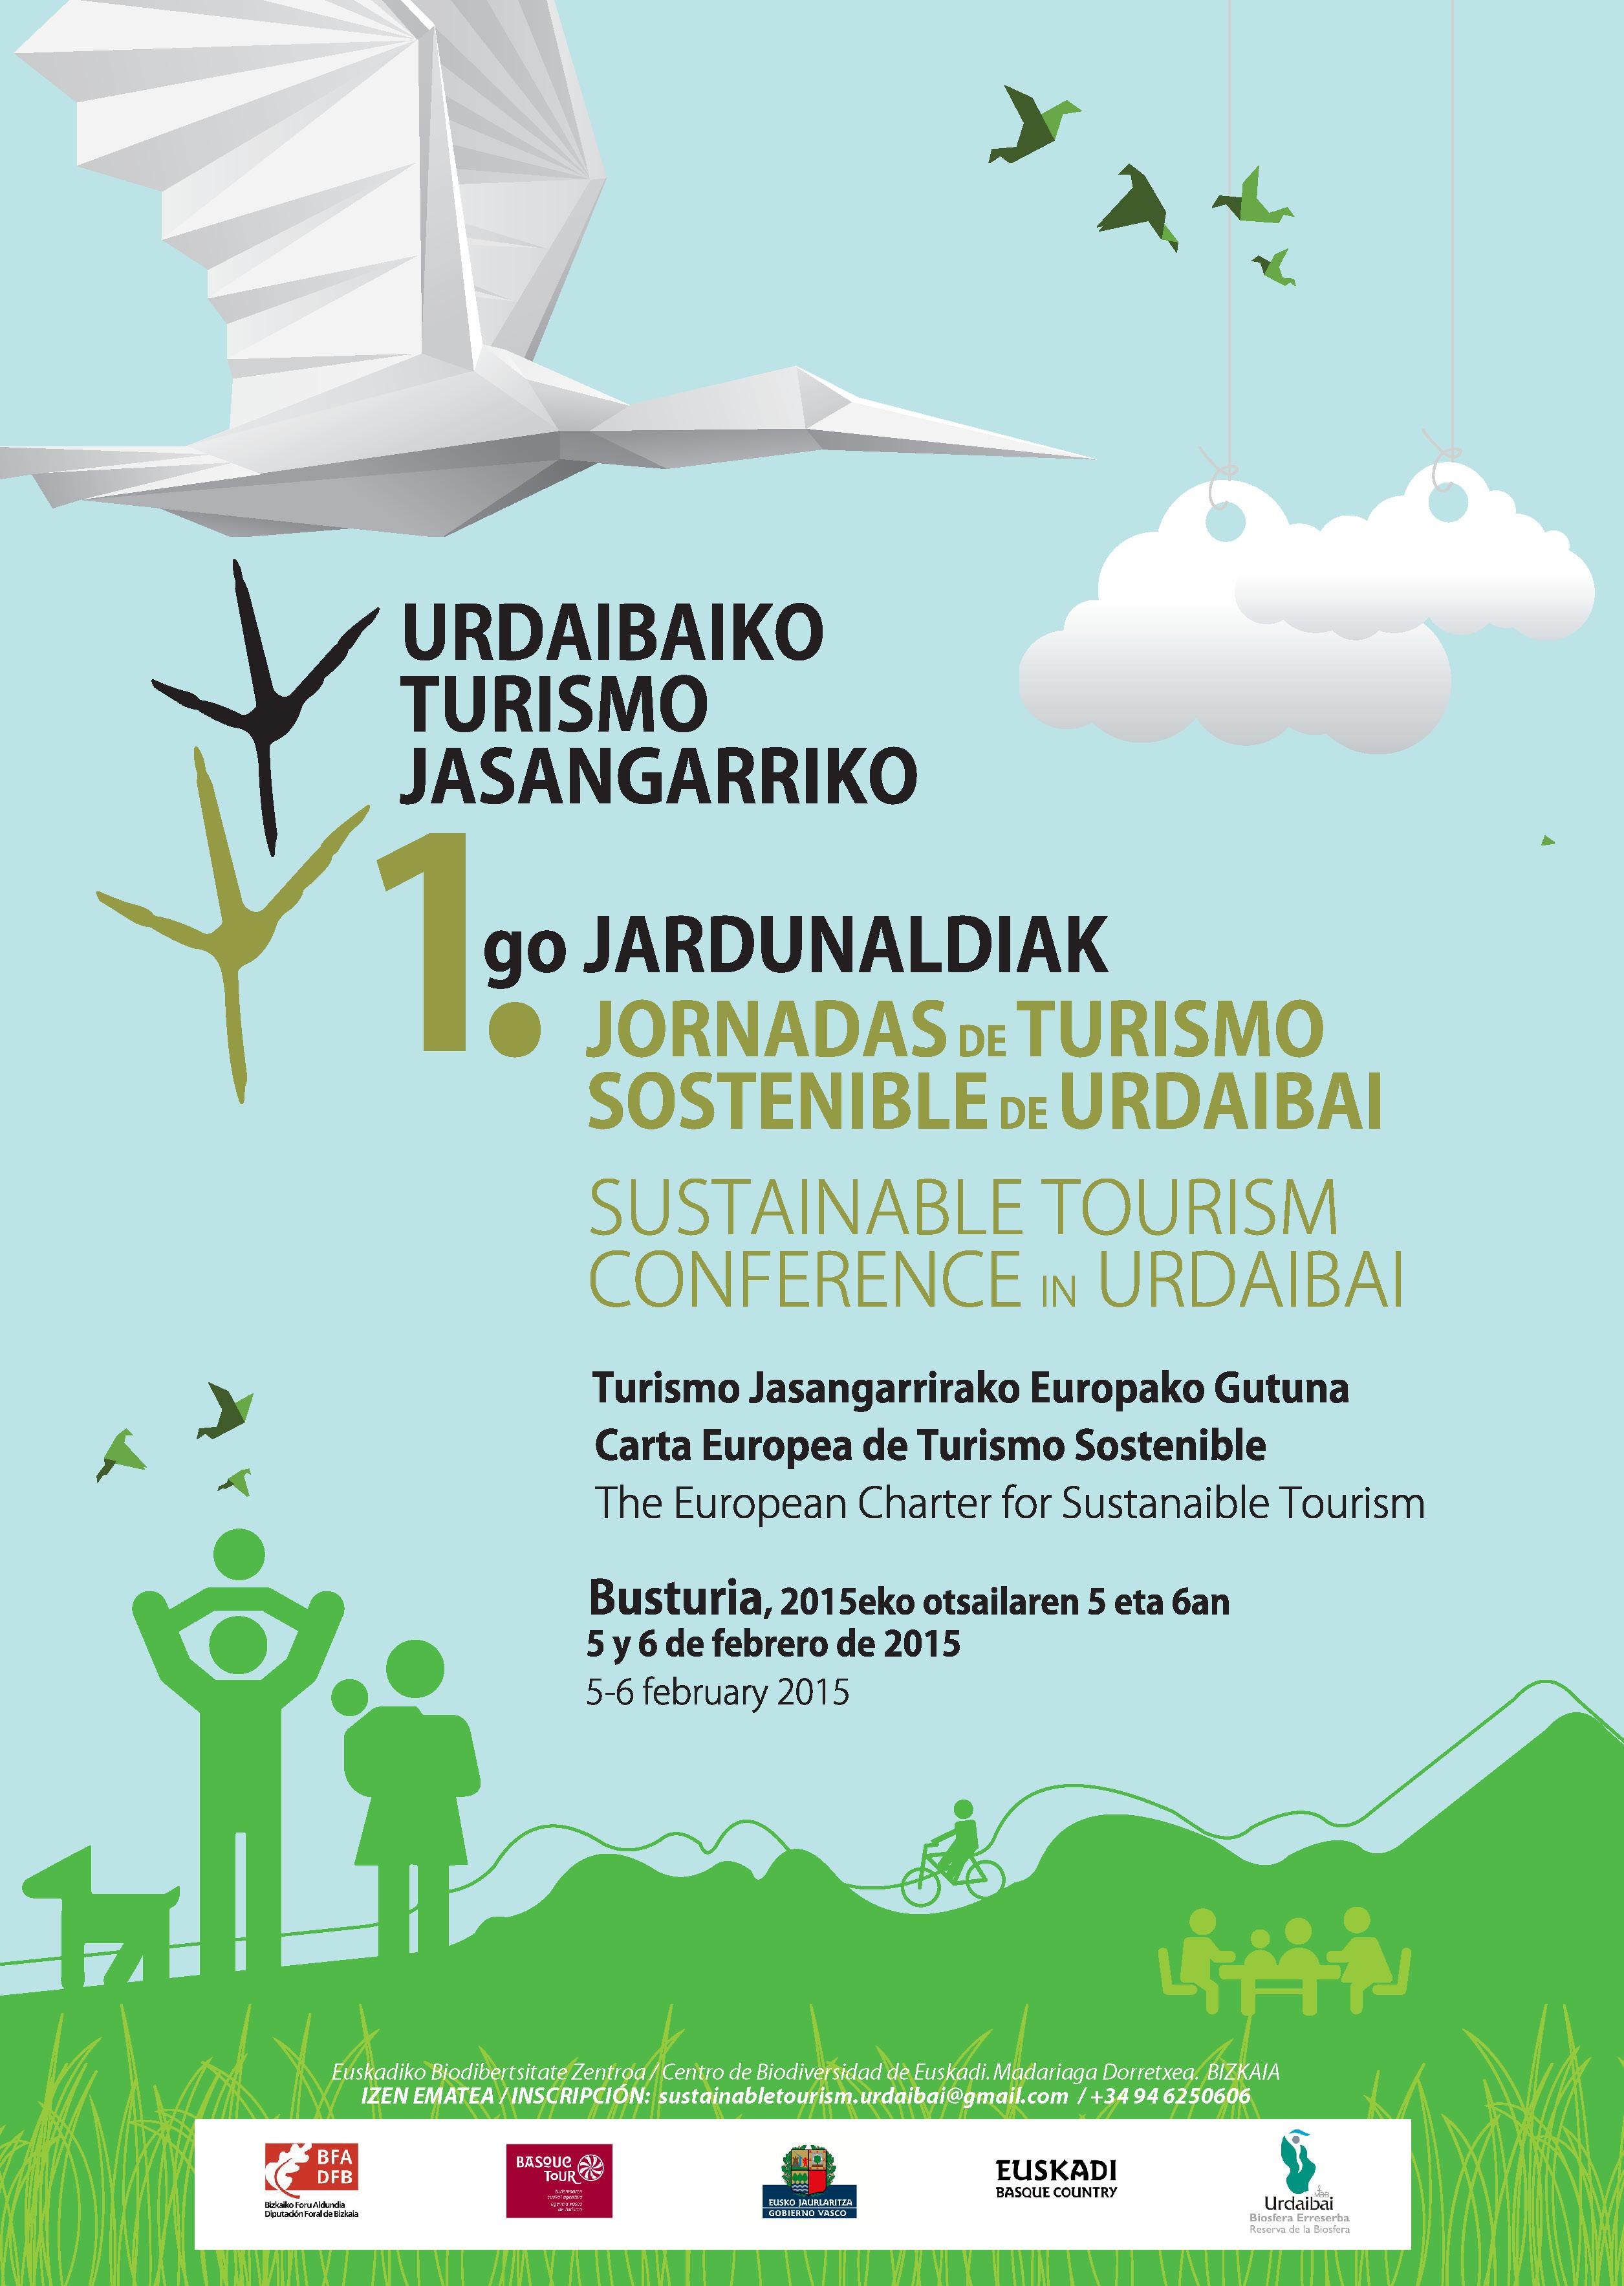 Cartel_mail_Jornadas_de_turismo_sostenible_de_Urdaibai_Urdaibaiko_Turismo_Jasangarriko_Jardunaldiak.jpg